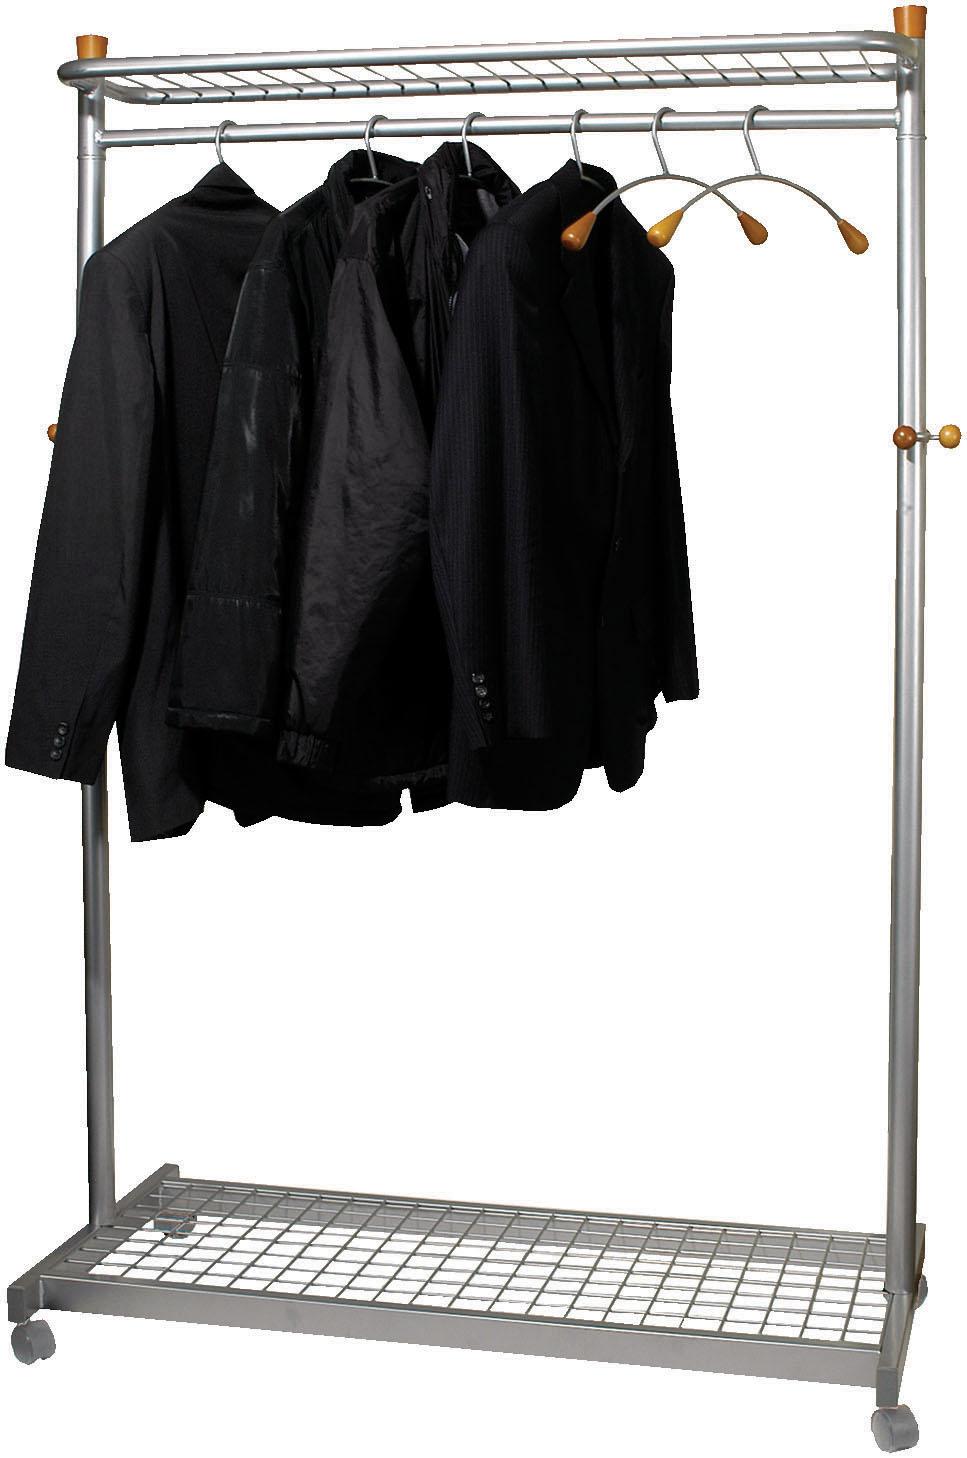 Kapstokken u0026 Parapluhouders Kantooraccessoires Kantoorbenodigdheden